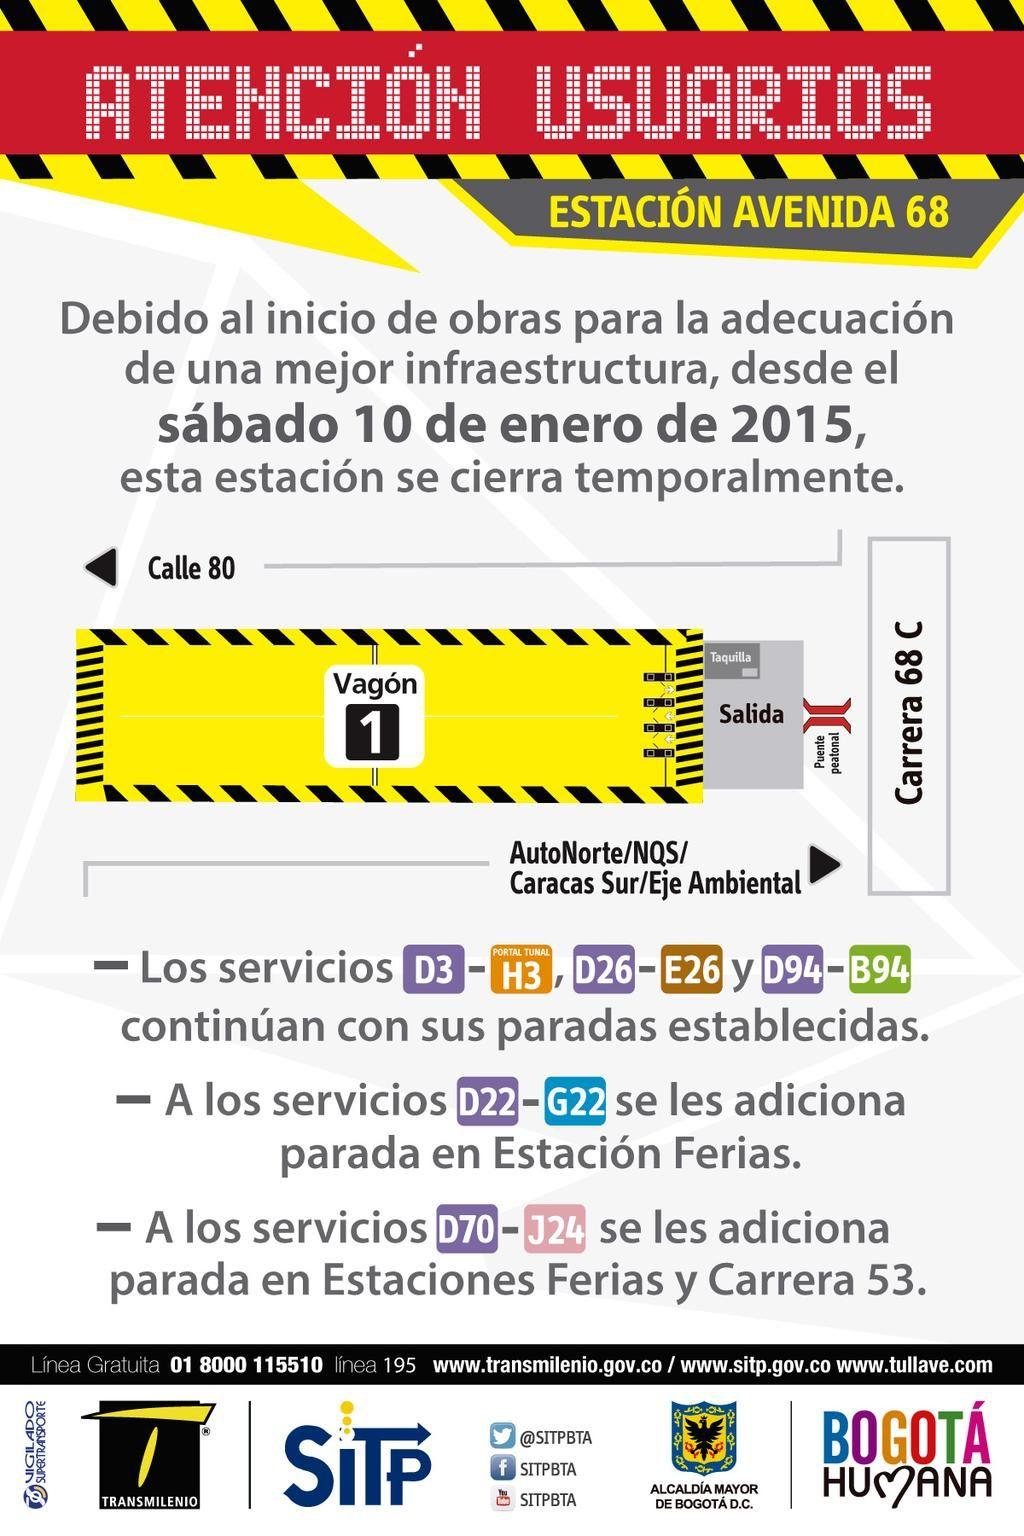 Usuarios TM - estación Avenida 68 cerrada de forma temporal